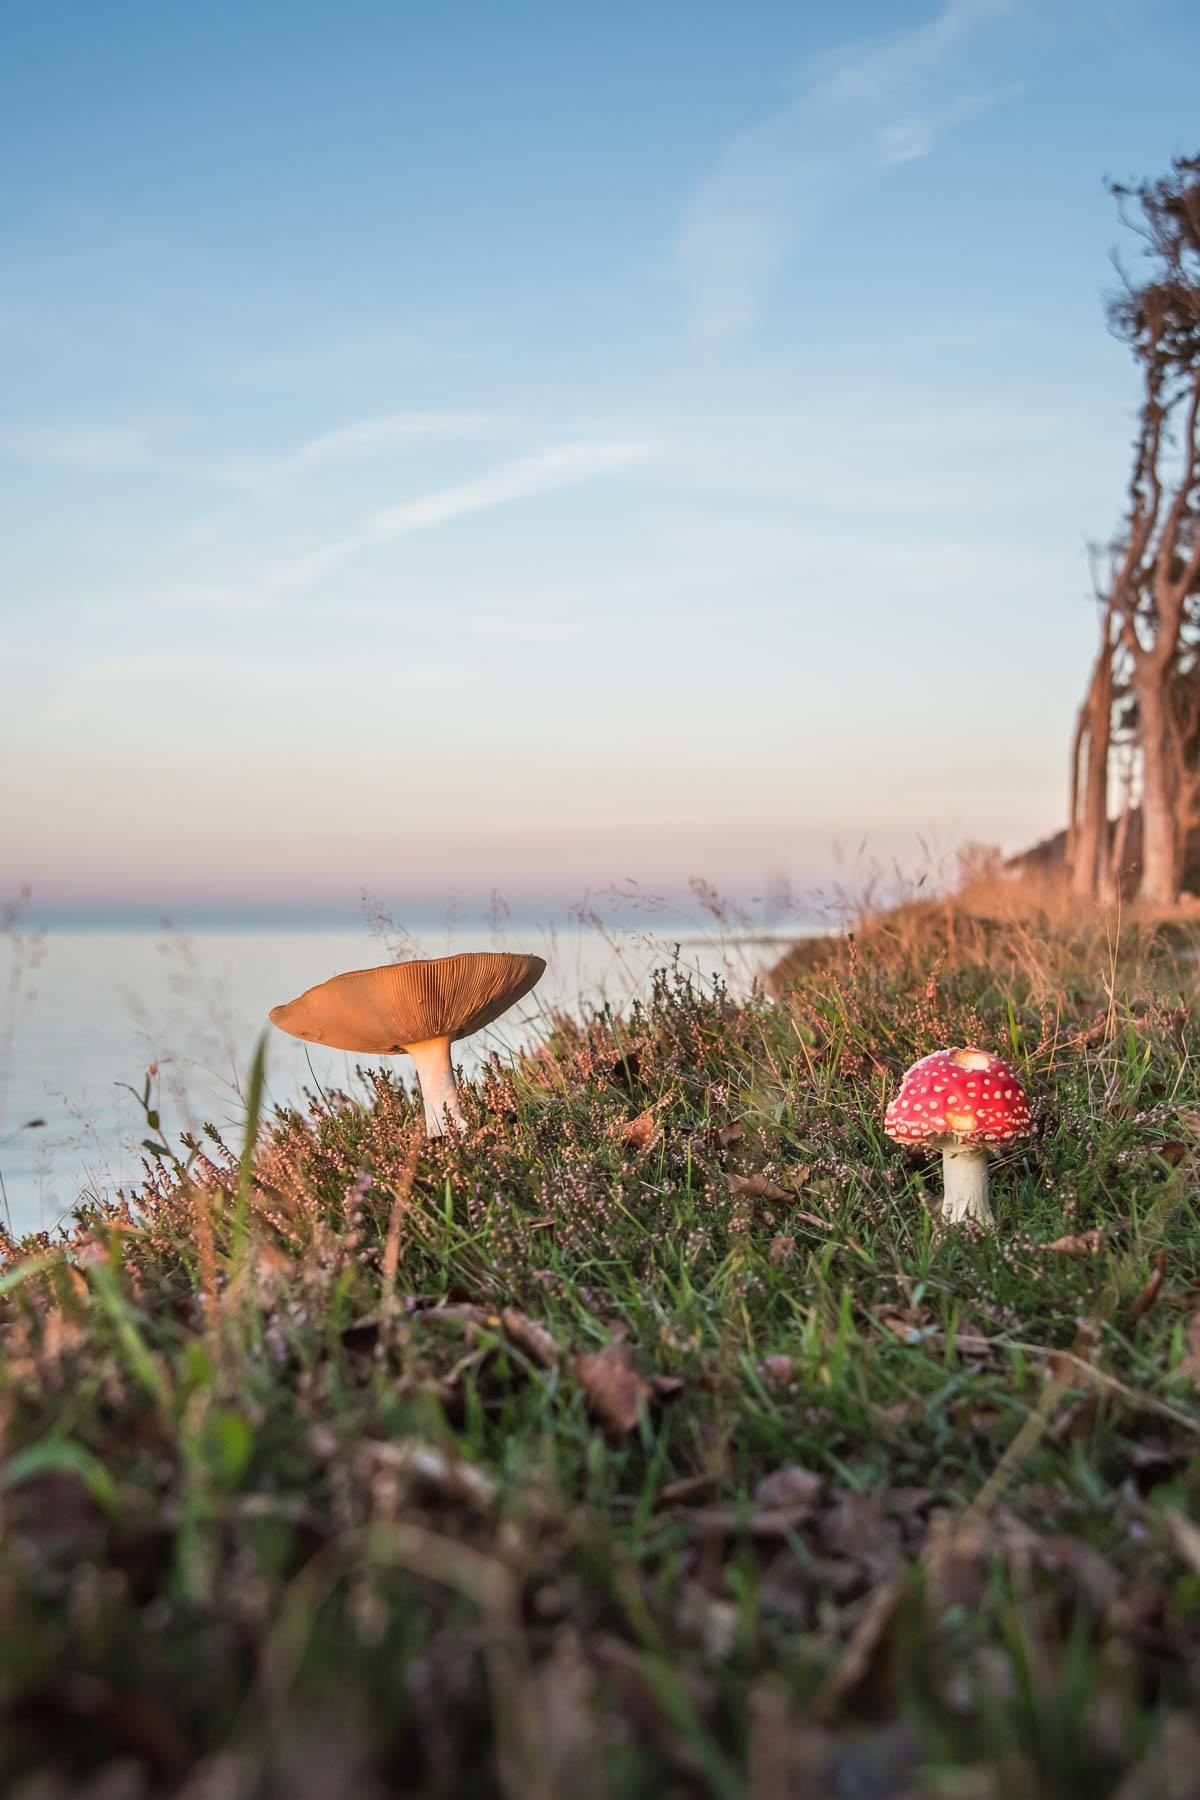 Am Klippenrand wachsen im Herbst beliebte Fotomotive